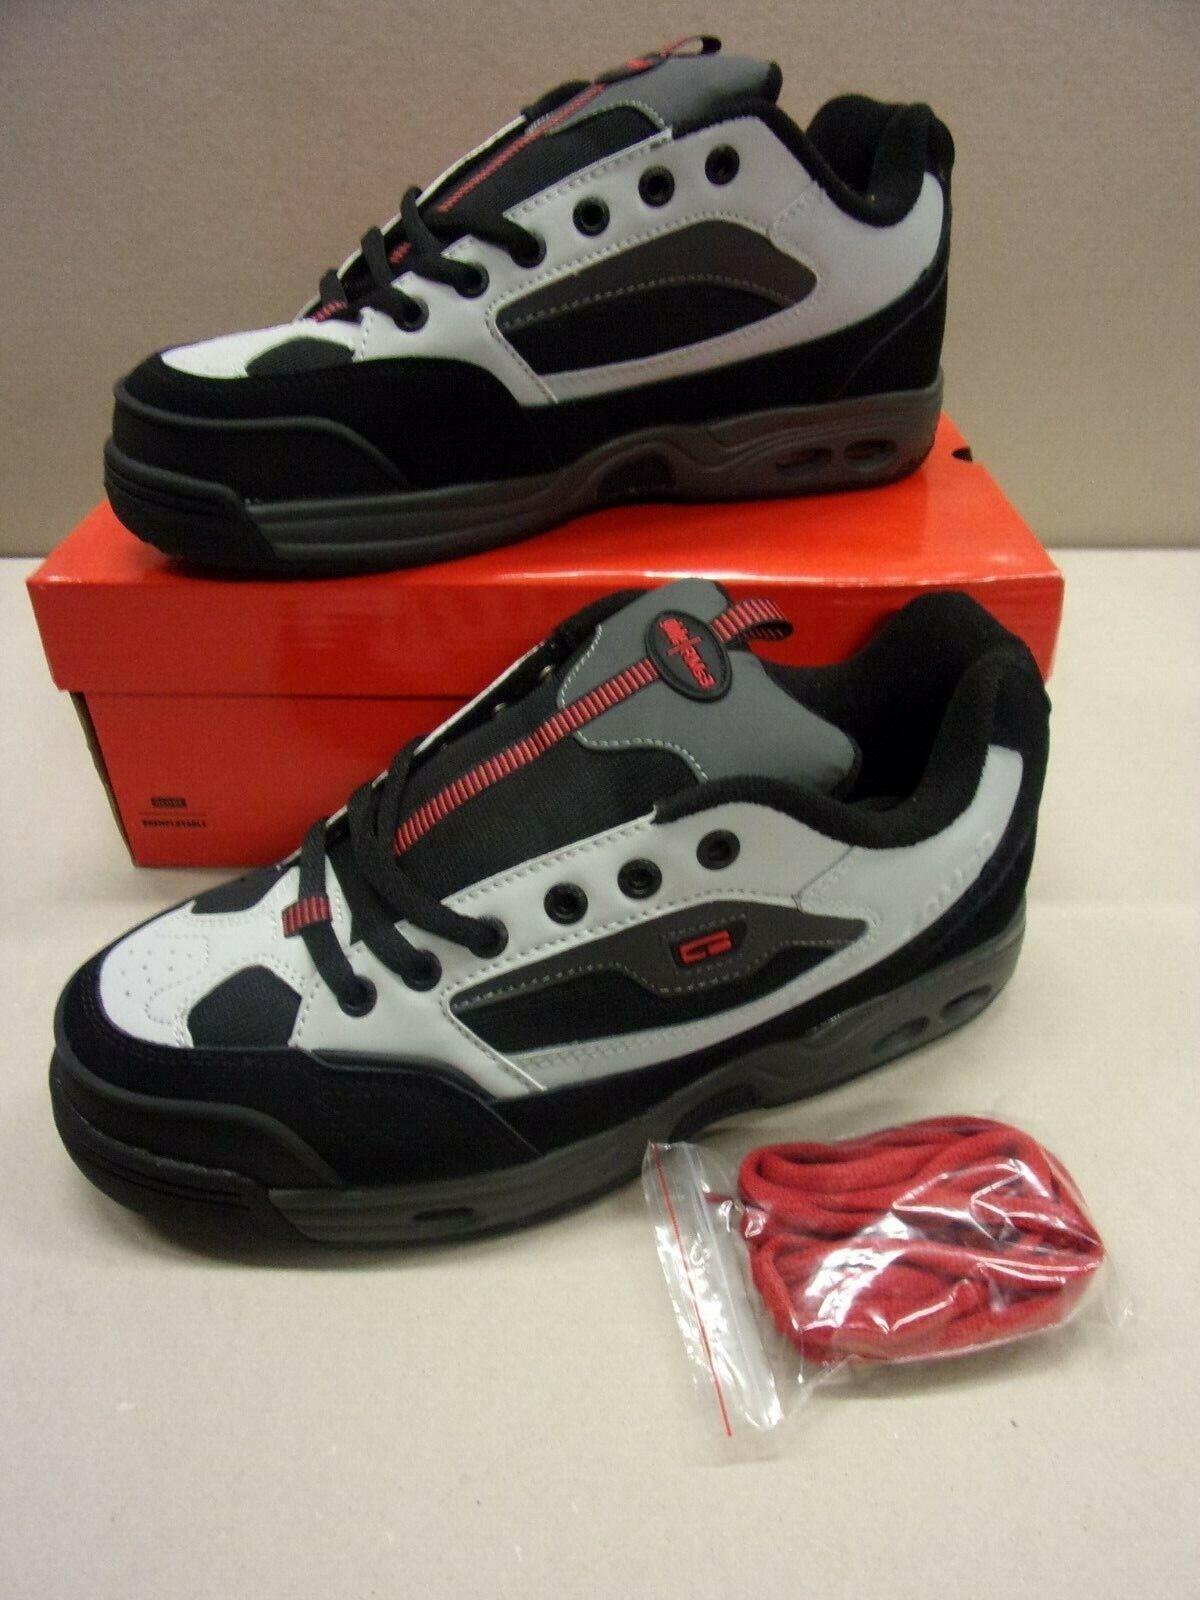 Globe Skateboard Shoes Rodney Mullen